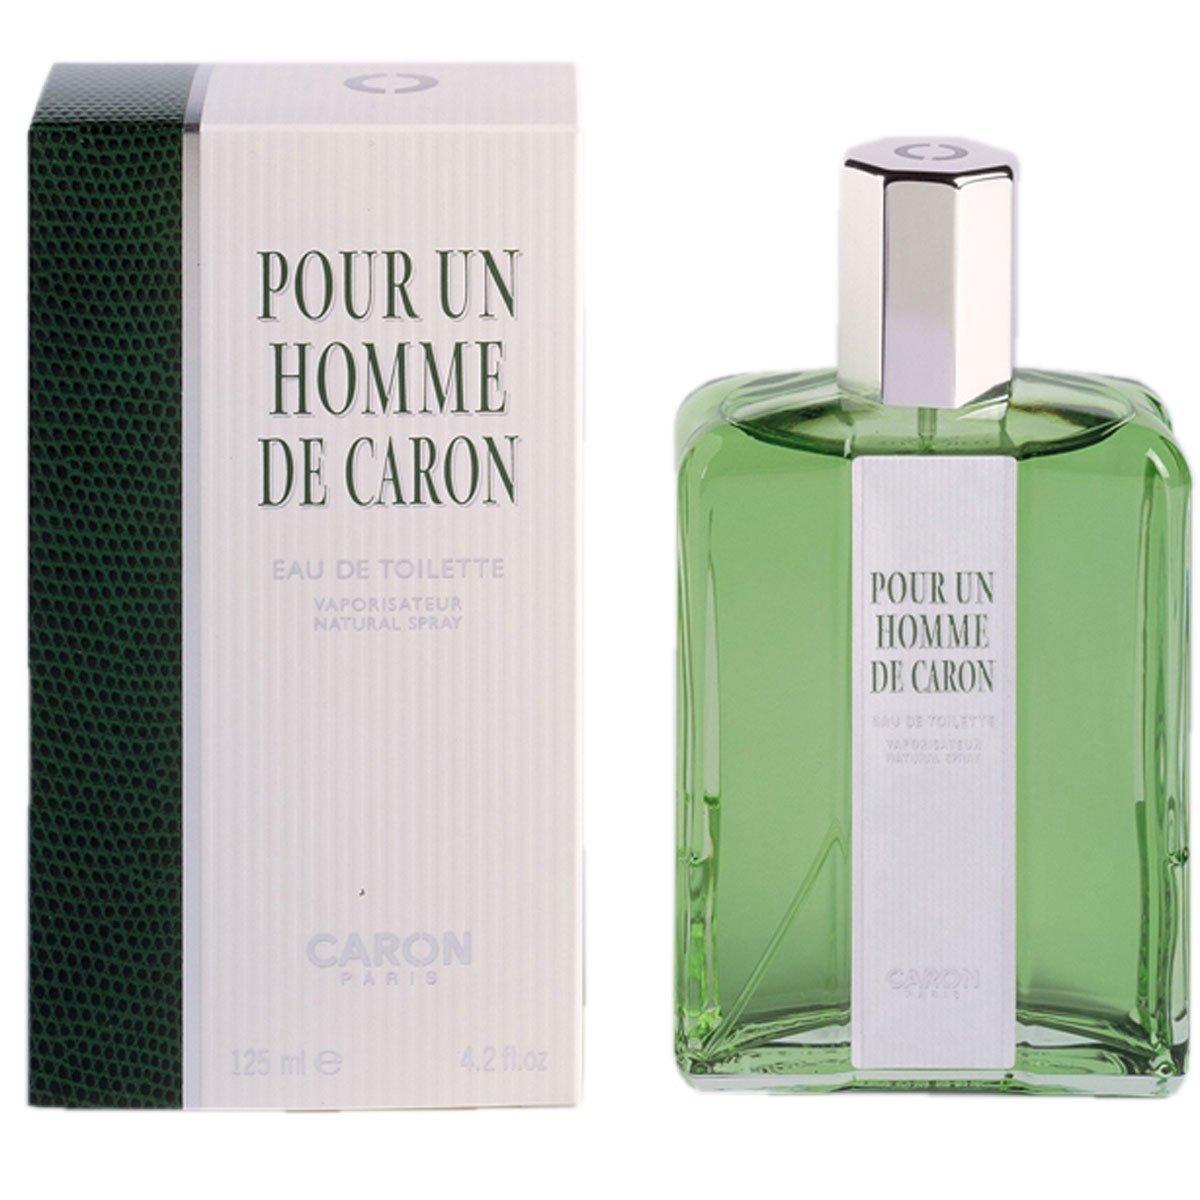 parfum pour un homme de caron eau de toilette 125 ml neuf sous blister ebay. Black Bedroom Furniture Sets. Home Design Ideas